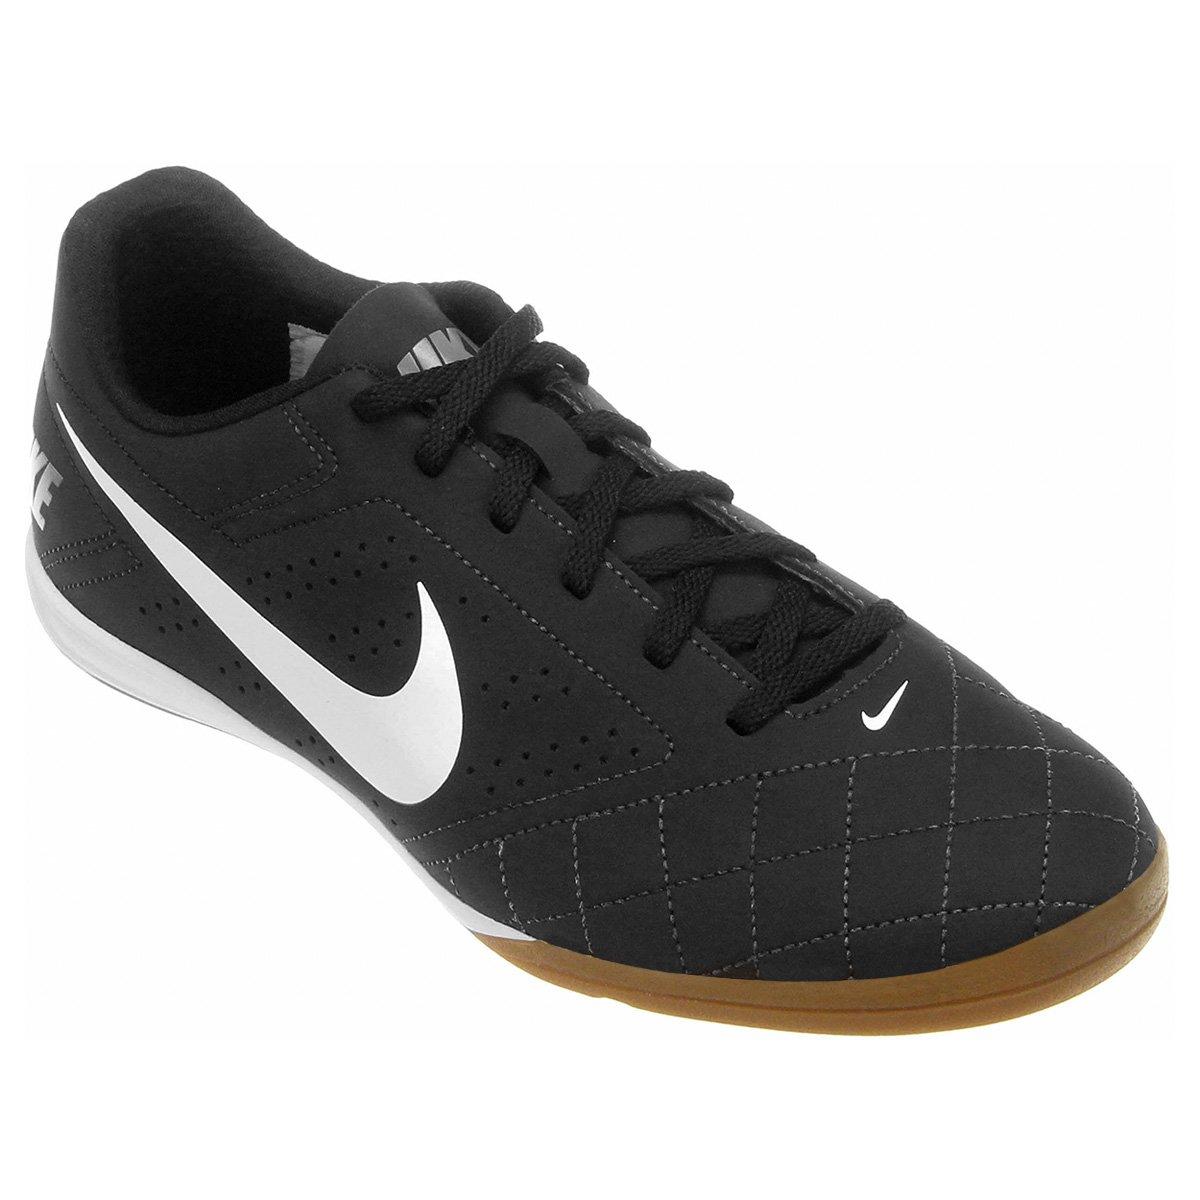 d8bff495af Chuteira Futsal Nike Beco 2 Futsal - Preto e Branco - Compre Agora ...